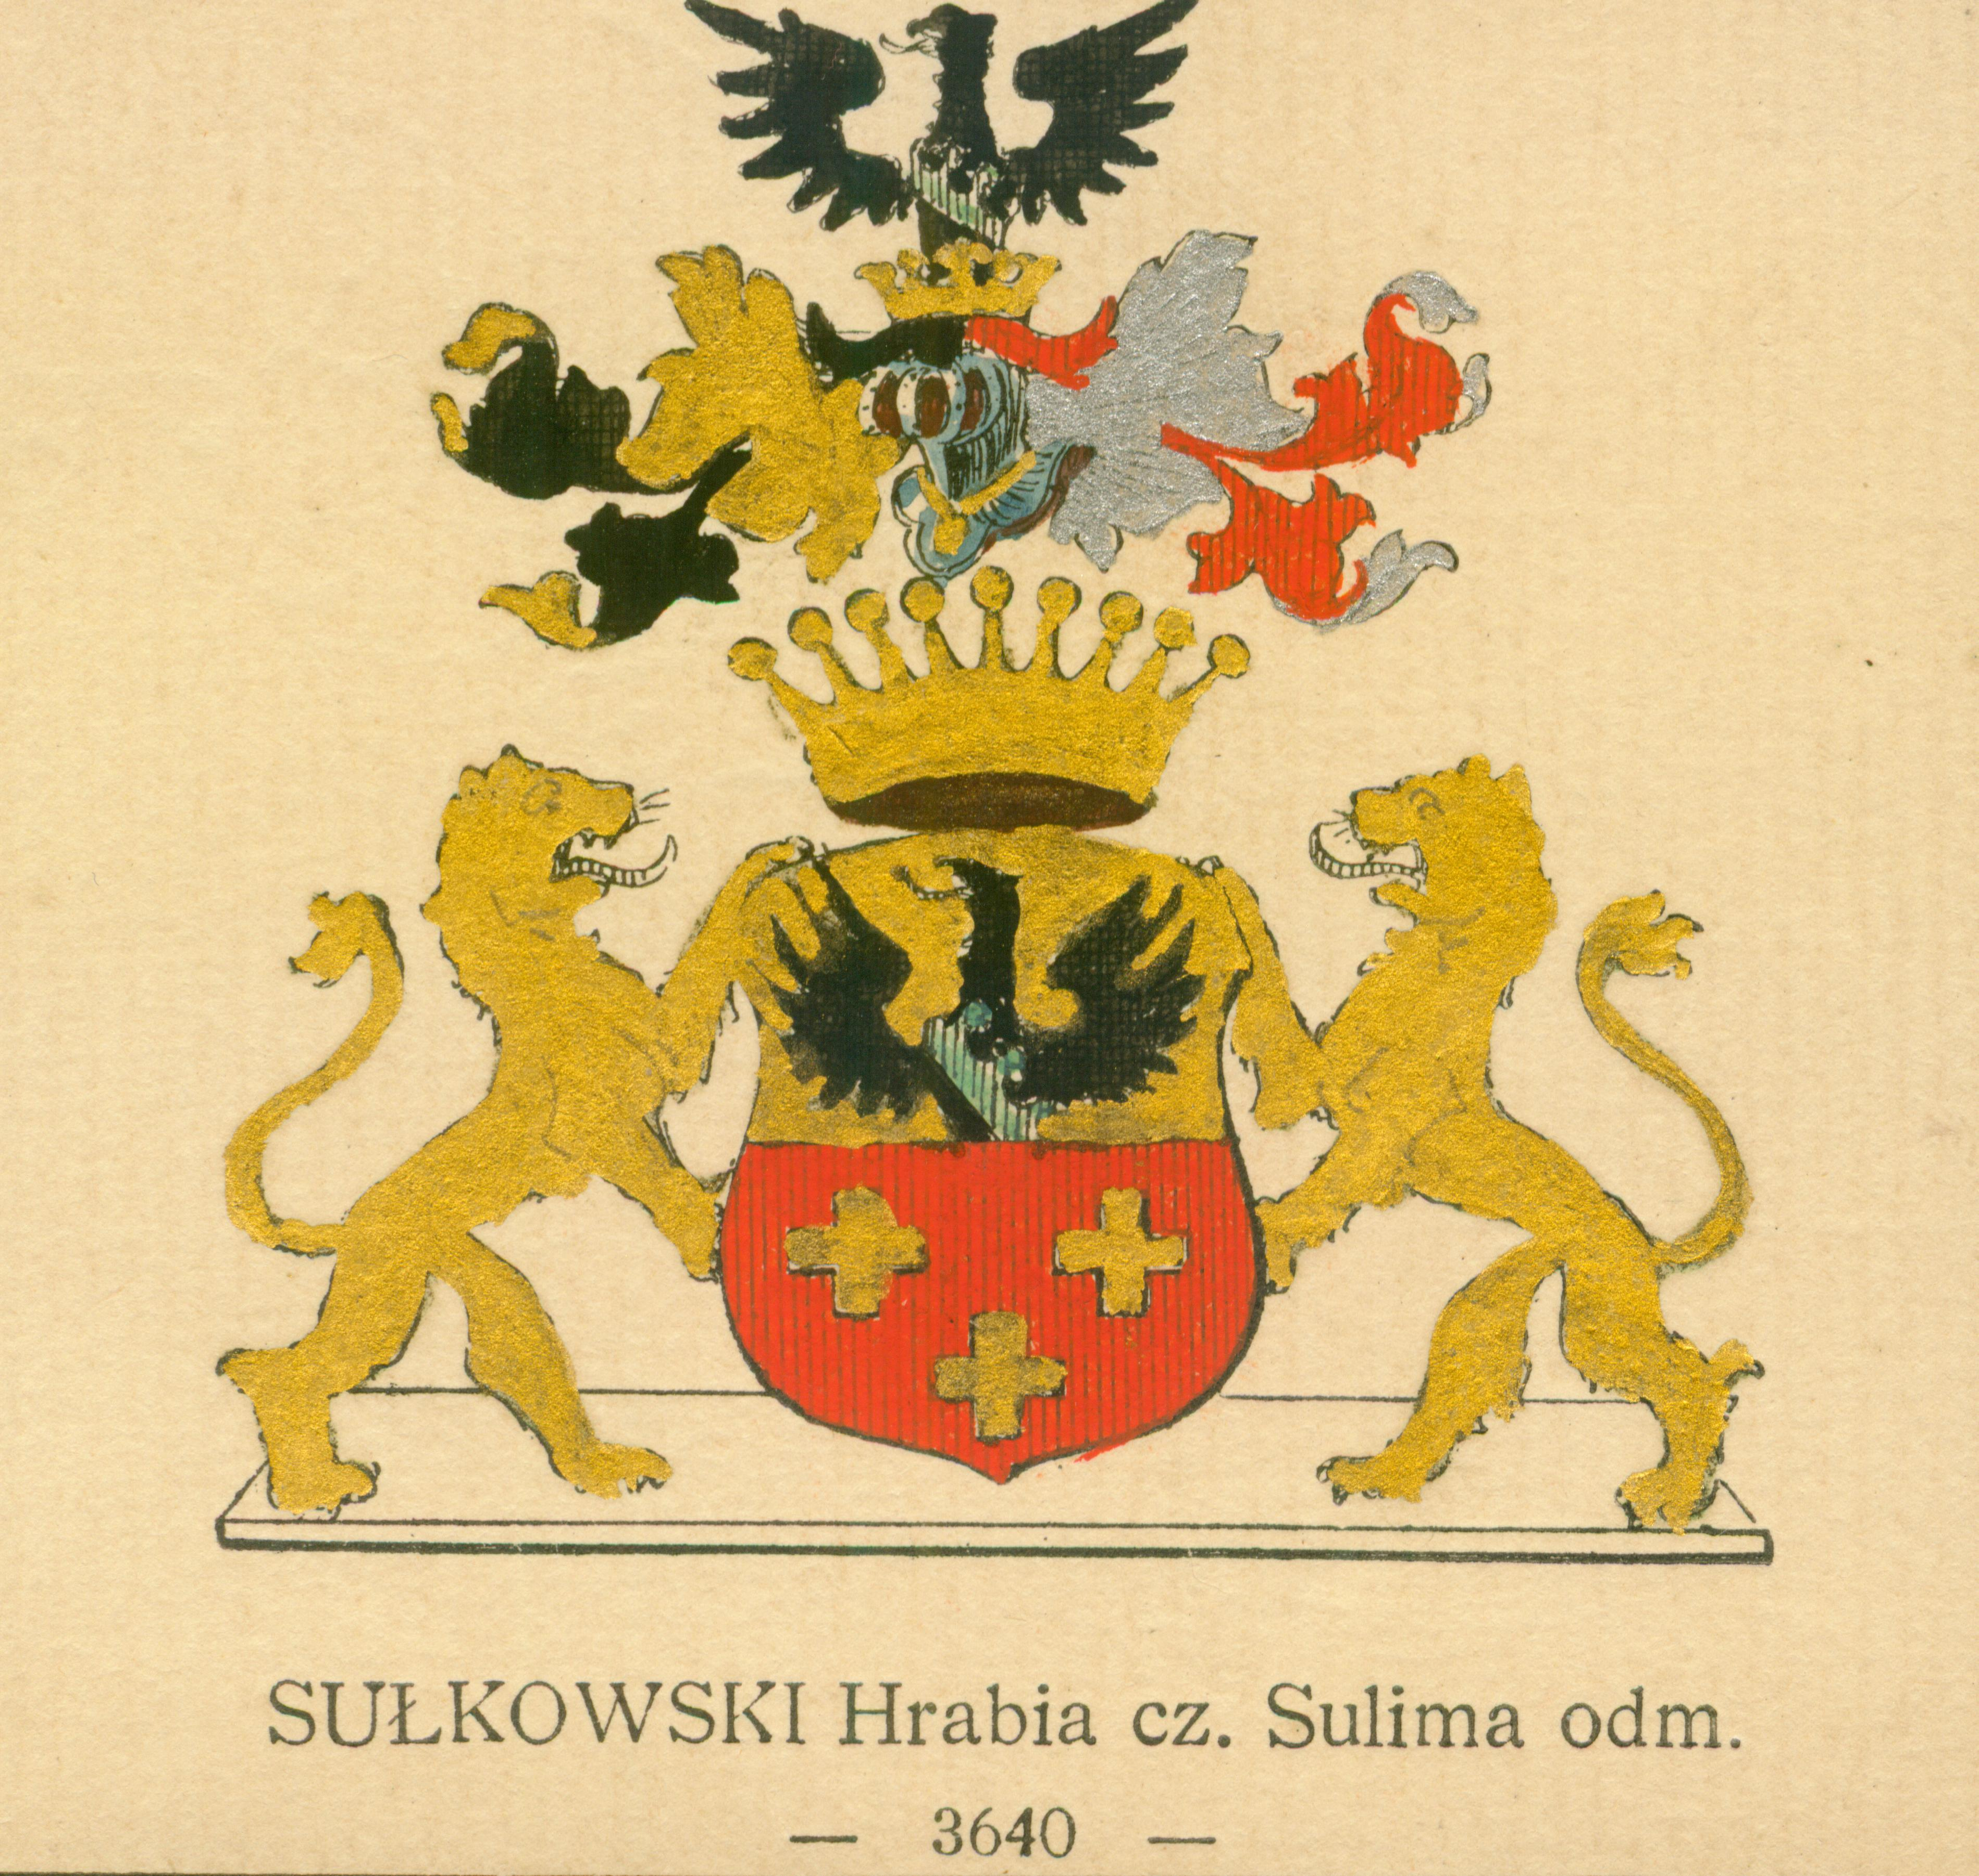 Sułkowski Hrabia cz.Sulima odm.